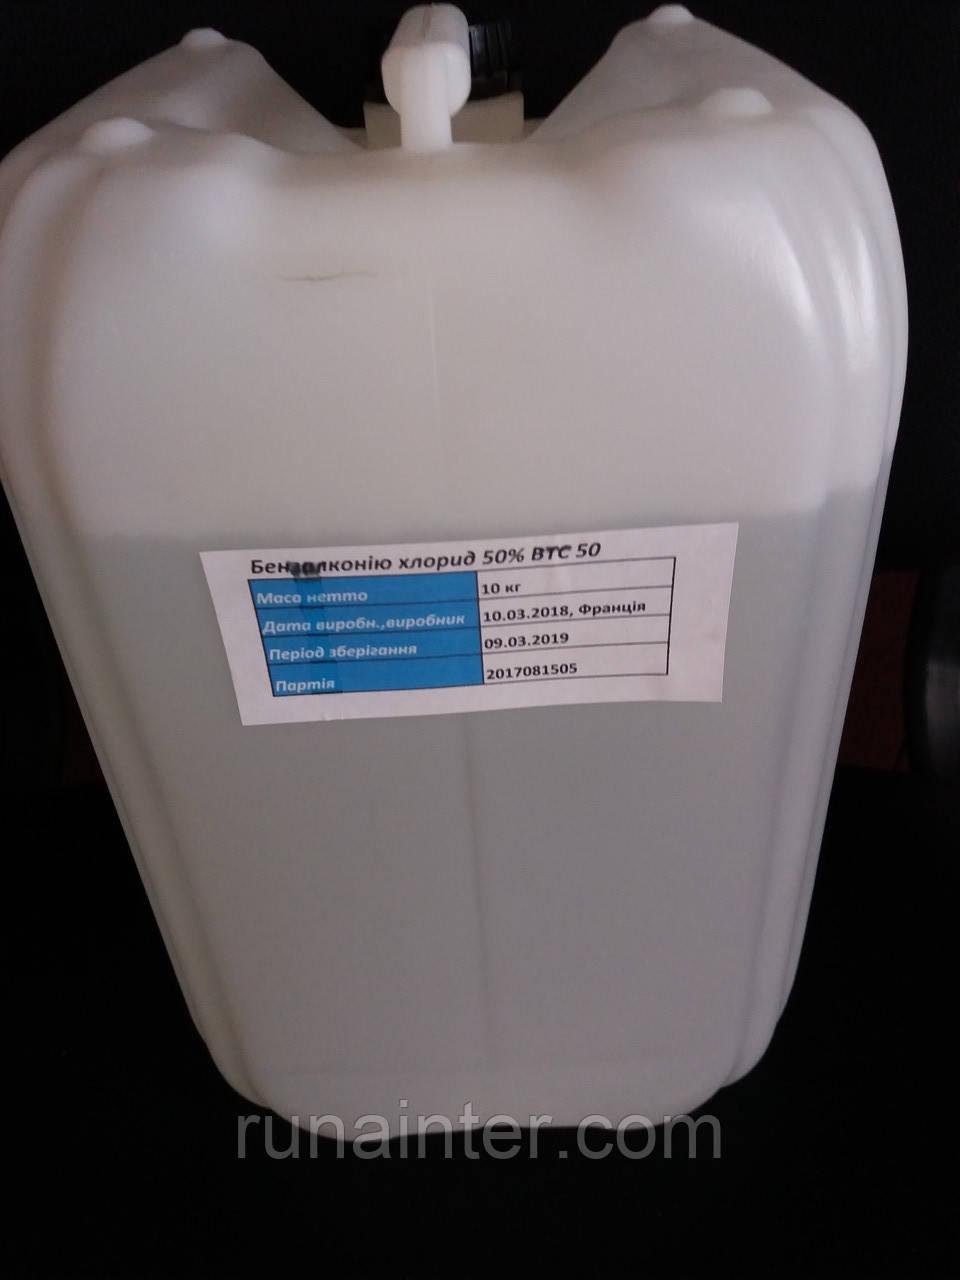 Бензалкония хлорид 50, Франция